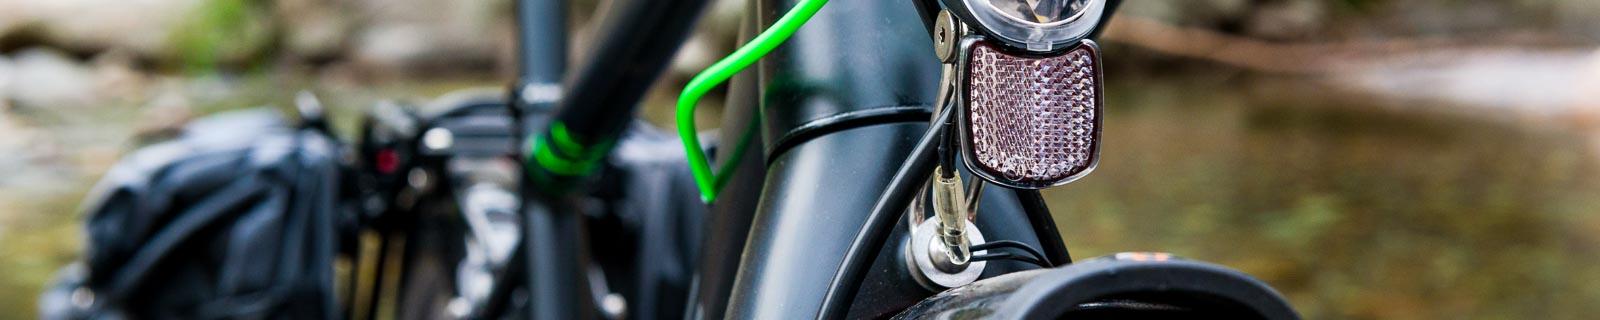 Cannondale Fahrrad Reflektoren Set Beleuchtungsset Frontstrahler-Rückstrahler